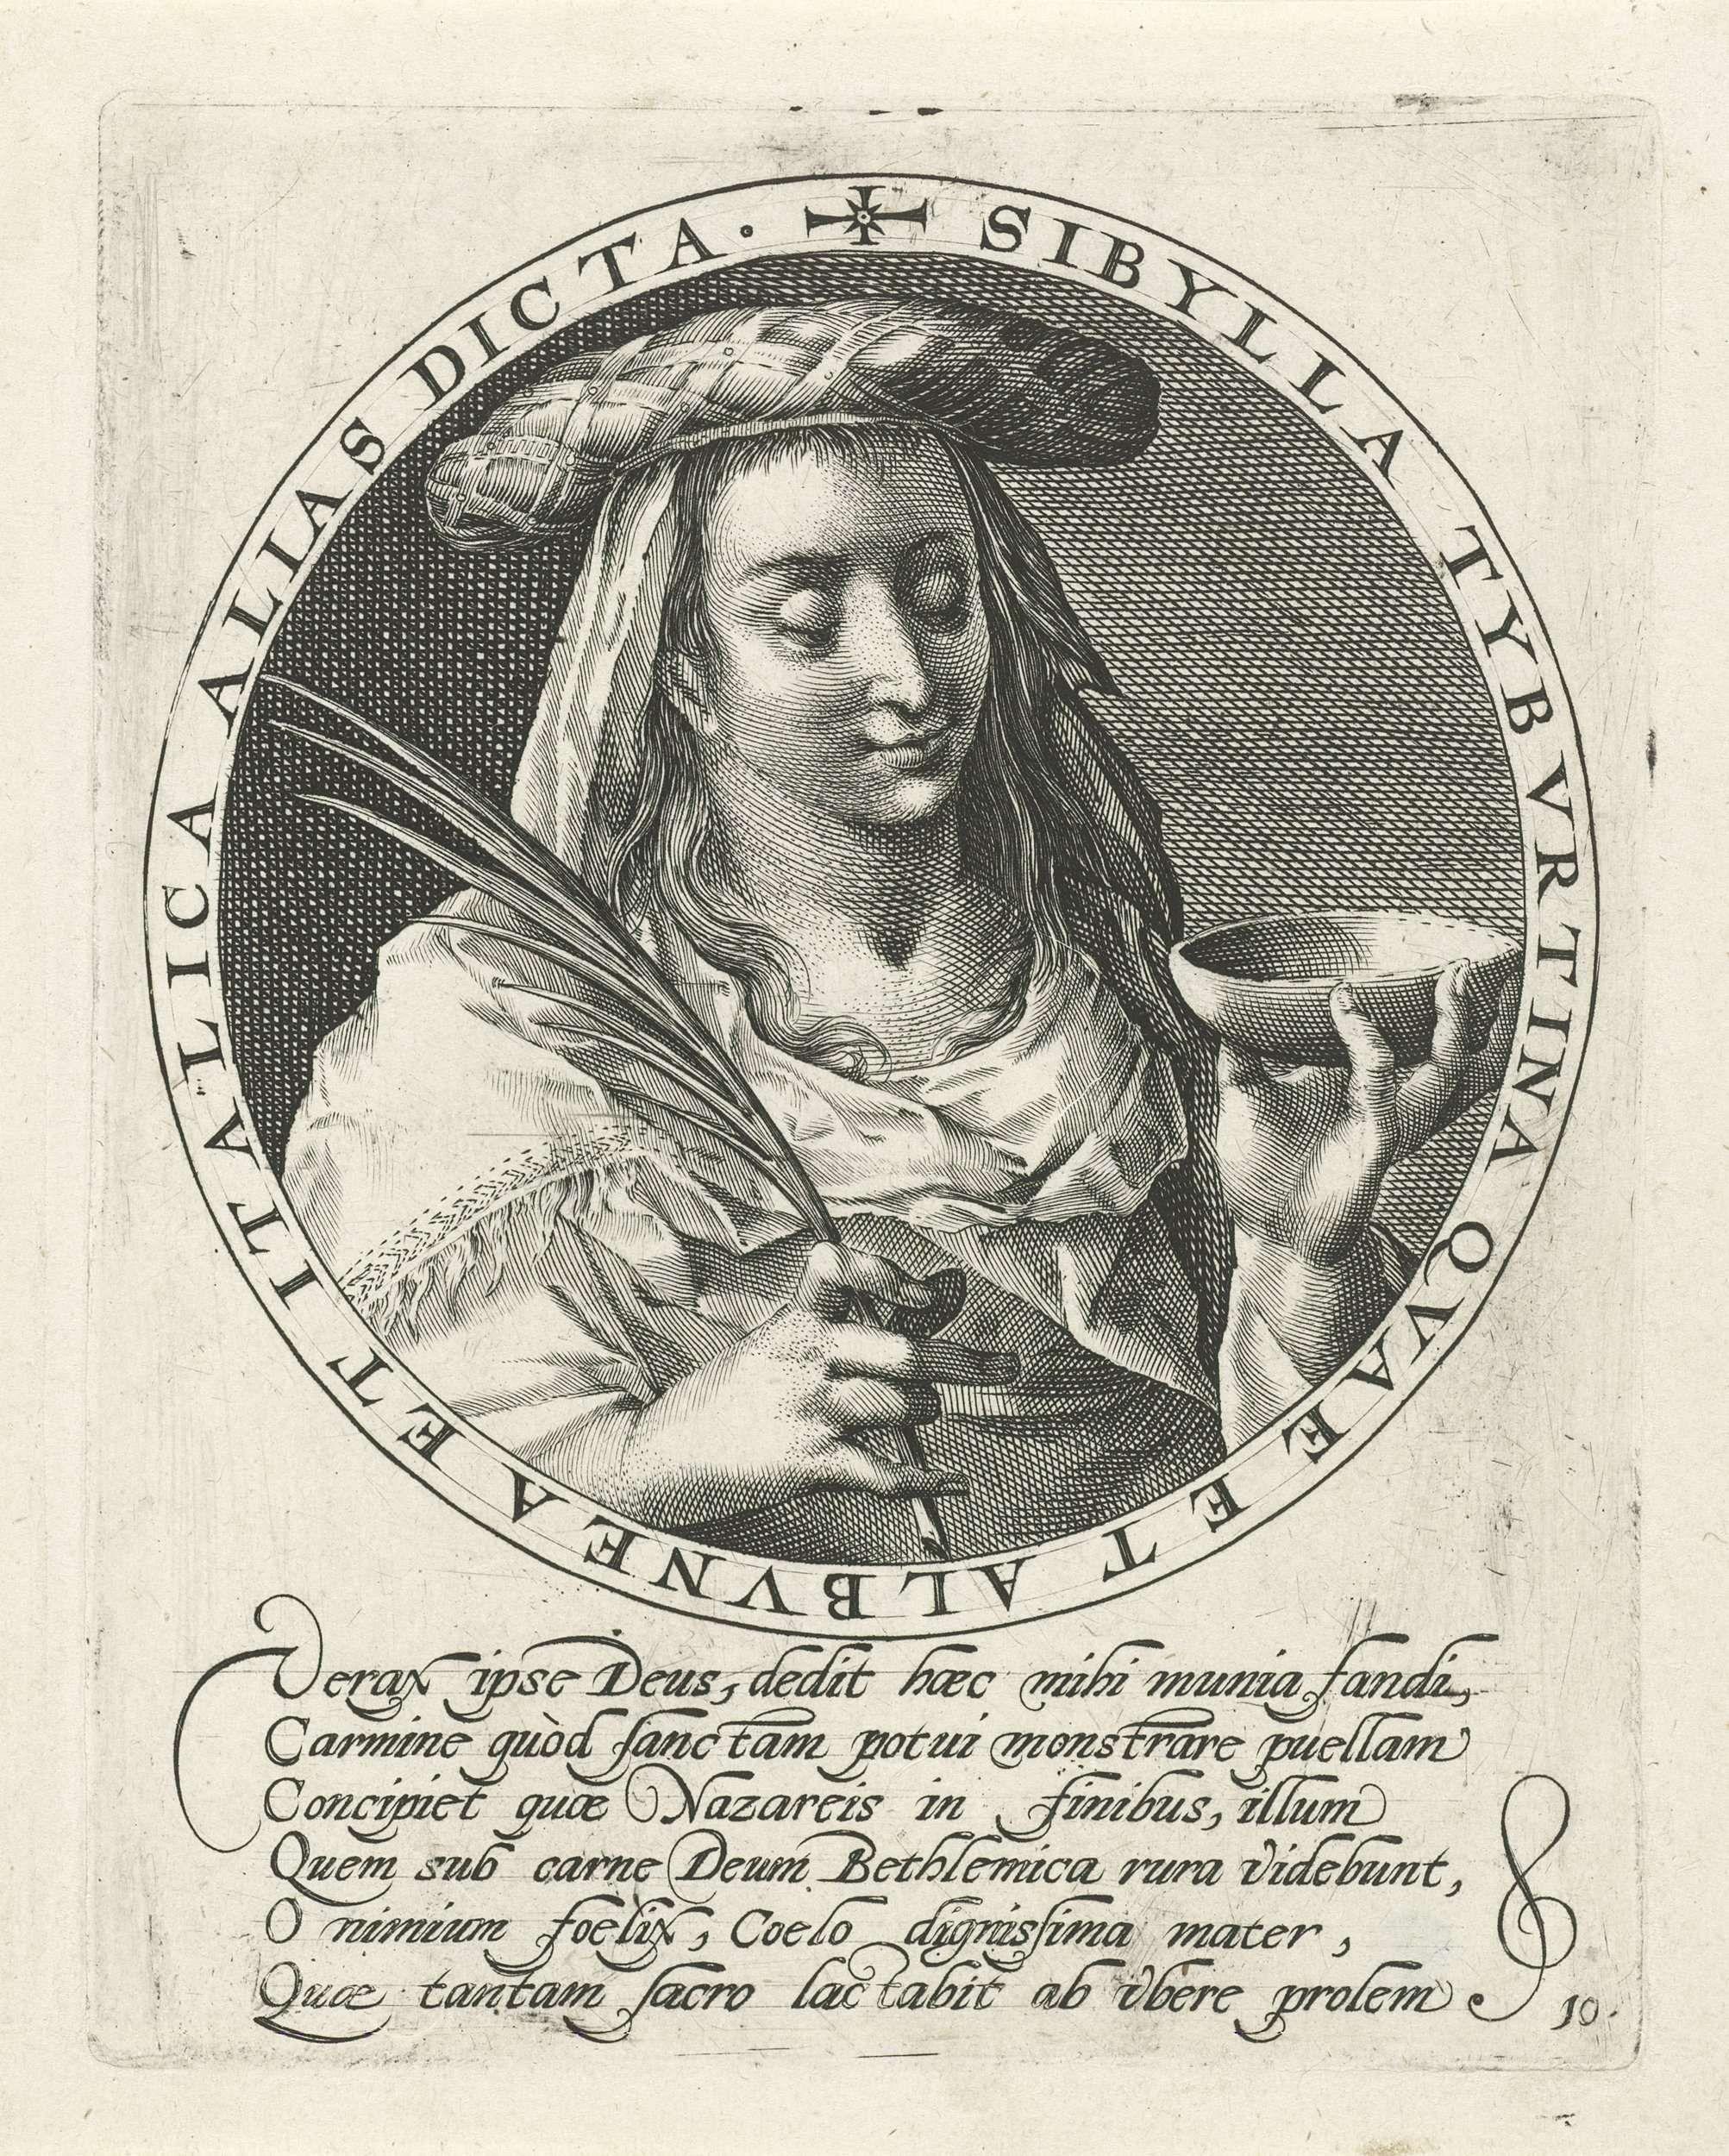 Crispijn van de Passe (I) | Tiburtijnse Sibille, Crispijn van de Passe (I), 1601 | Buste van de Tiburtijnse Sibille. In haar linkerhand houdt ze een schaal en in haar rechterhand een palmtak. De voorstelling is gevat in een medaillon met een randschrift in het Latijn. In de marge een zesregelig onderschrift in het Latijn. Prent uit een serie met de twaalf sibillen.